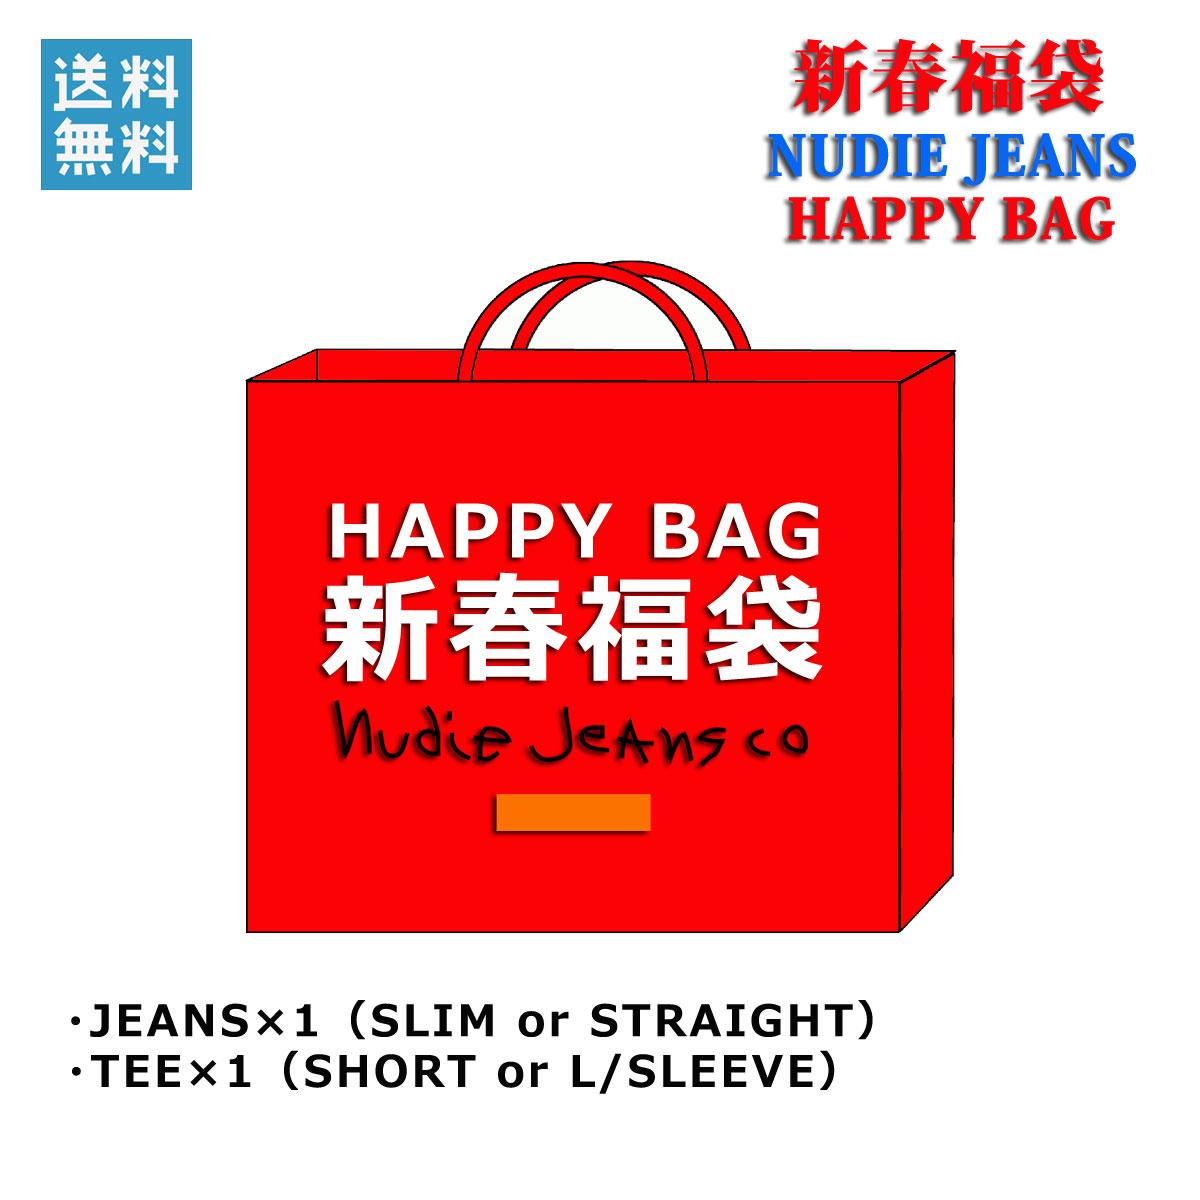 福袋 2020 ヌーディージーンズ Nudie Jeans 正規販売店 福袋 メンズ ハッピーバッグ 18,000円(税別) 3-5万円相当 ※内容 デニム シャツ Tシャツ or etc